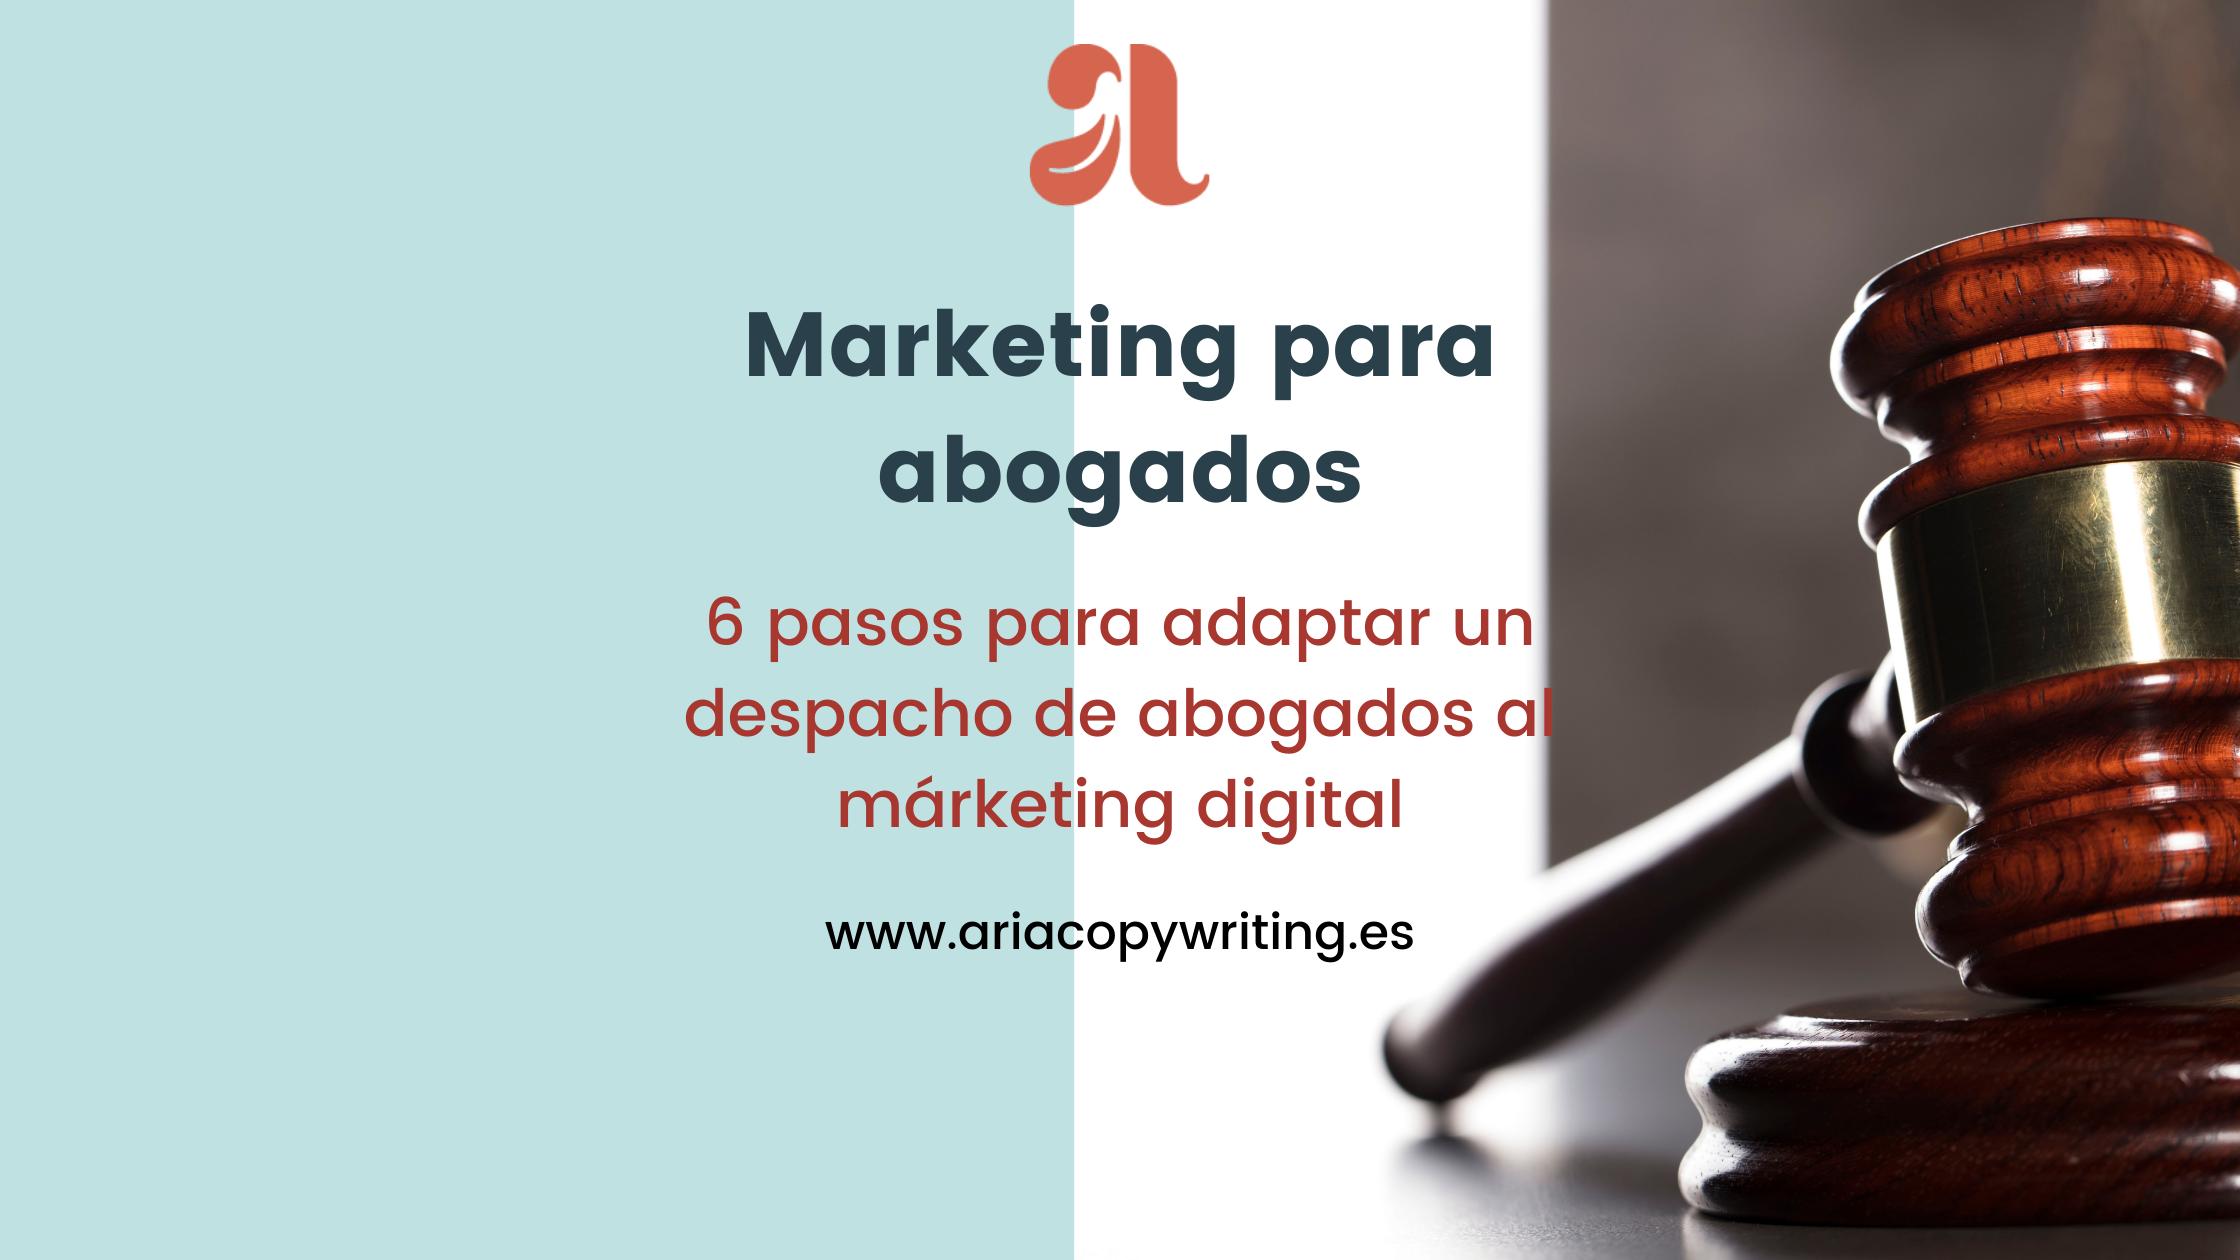 6 pasos para adaptar un despacho de abogados al marketing digital